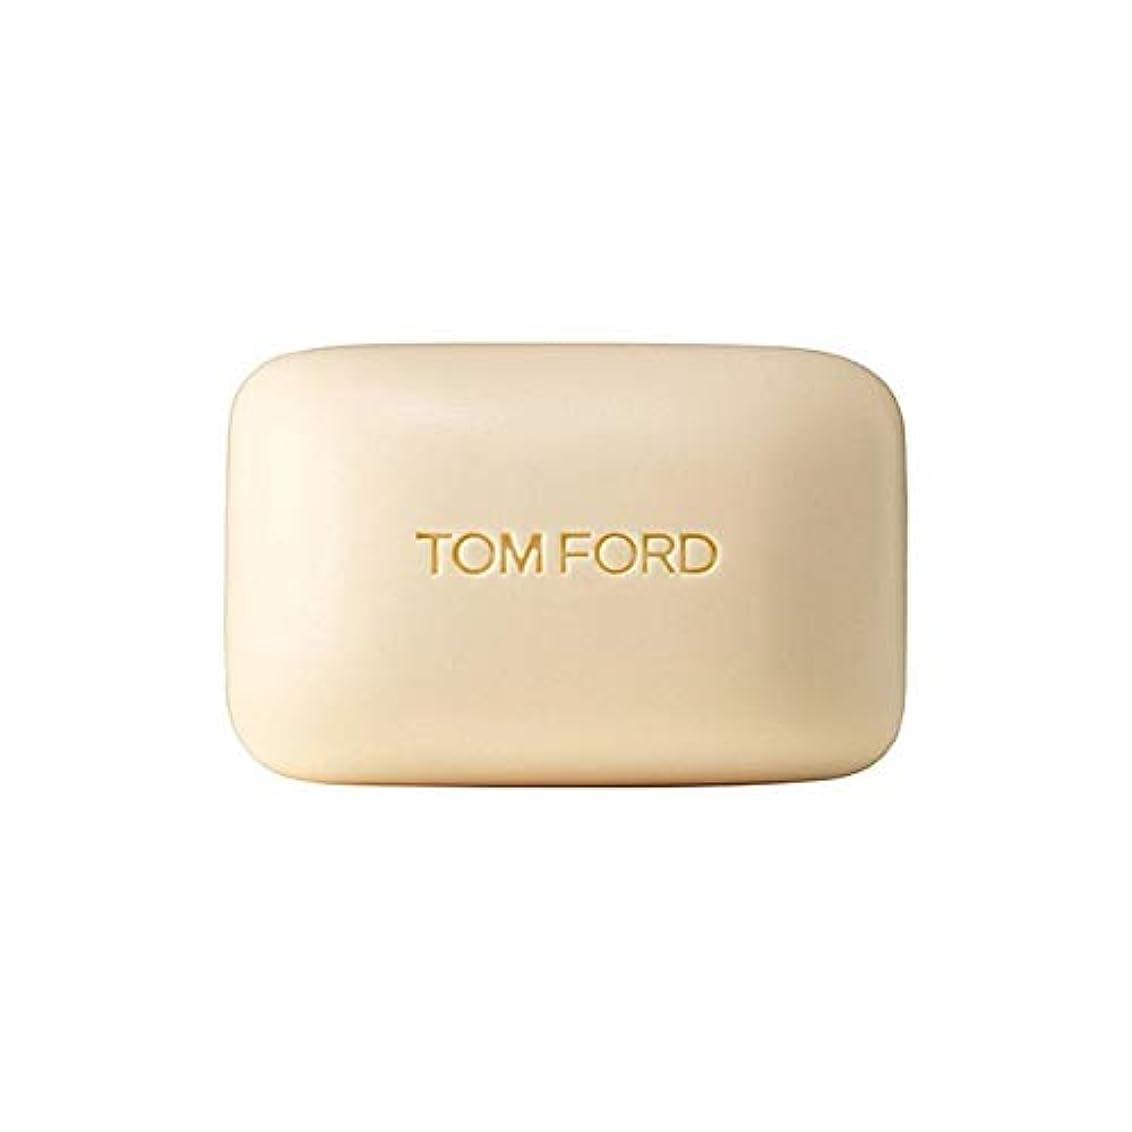 アナウンサー蒸留交通[Tom Ford] トムフォードジャスミンルージュソープバー150グラム - Tom Ford Jasmin Rouge Soap Bar 150G [並行輸入品]